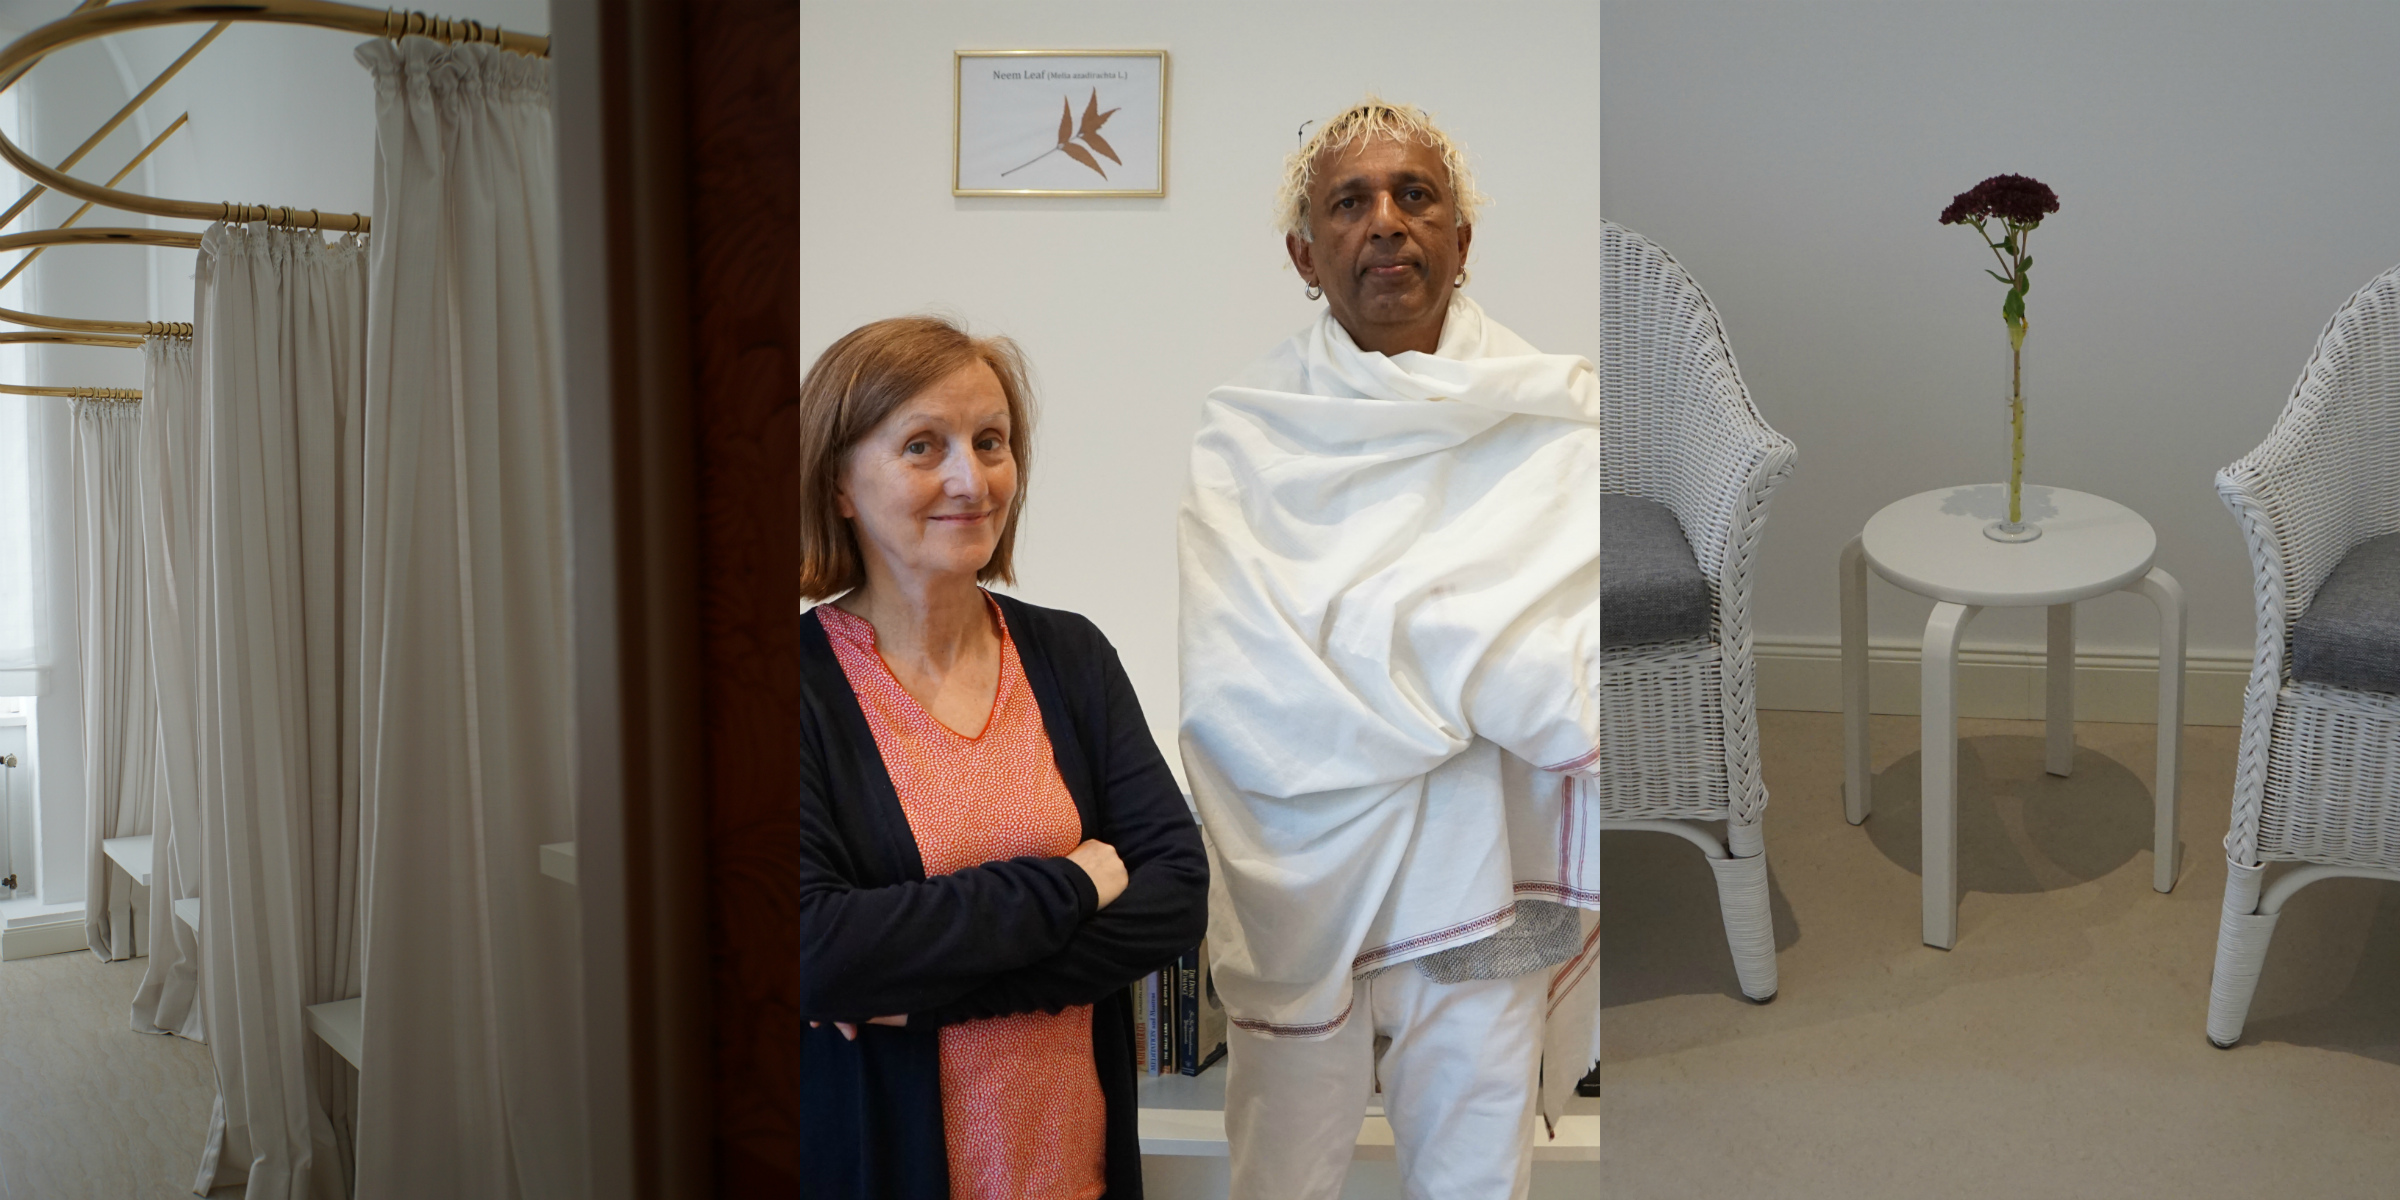 Ü60 Bloggerin Ursel vom Iknmlo Fashionblog über den Ayurveda Day medical im Gräflicher Park Grand Resort Bad Driburg